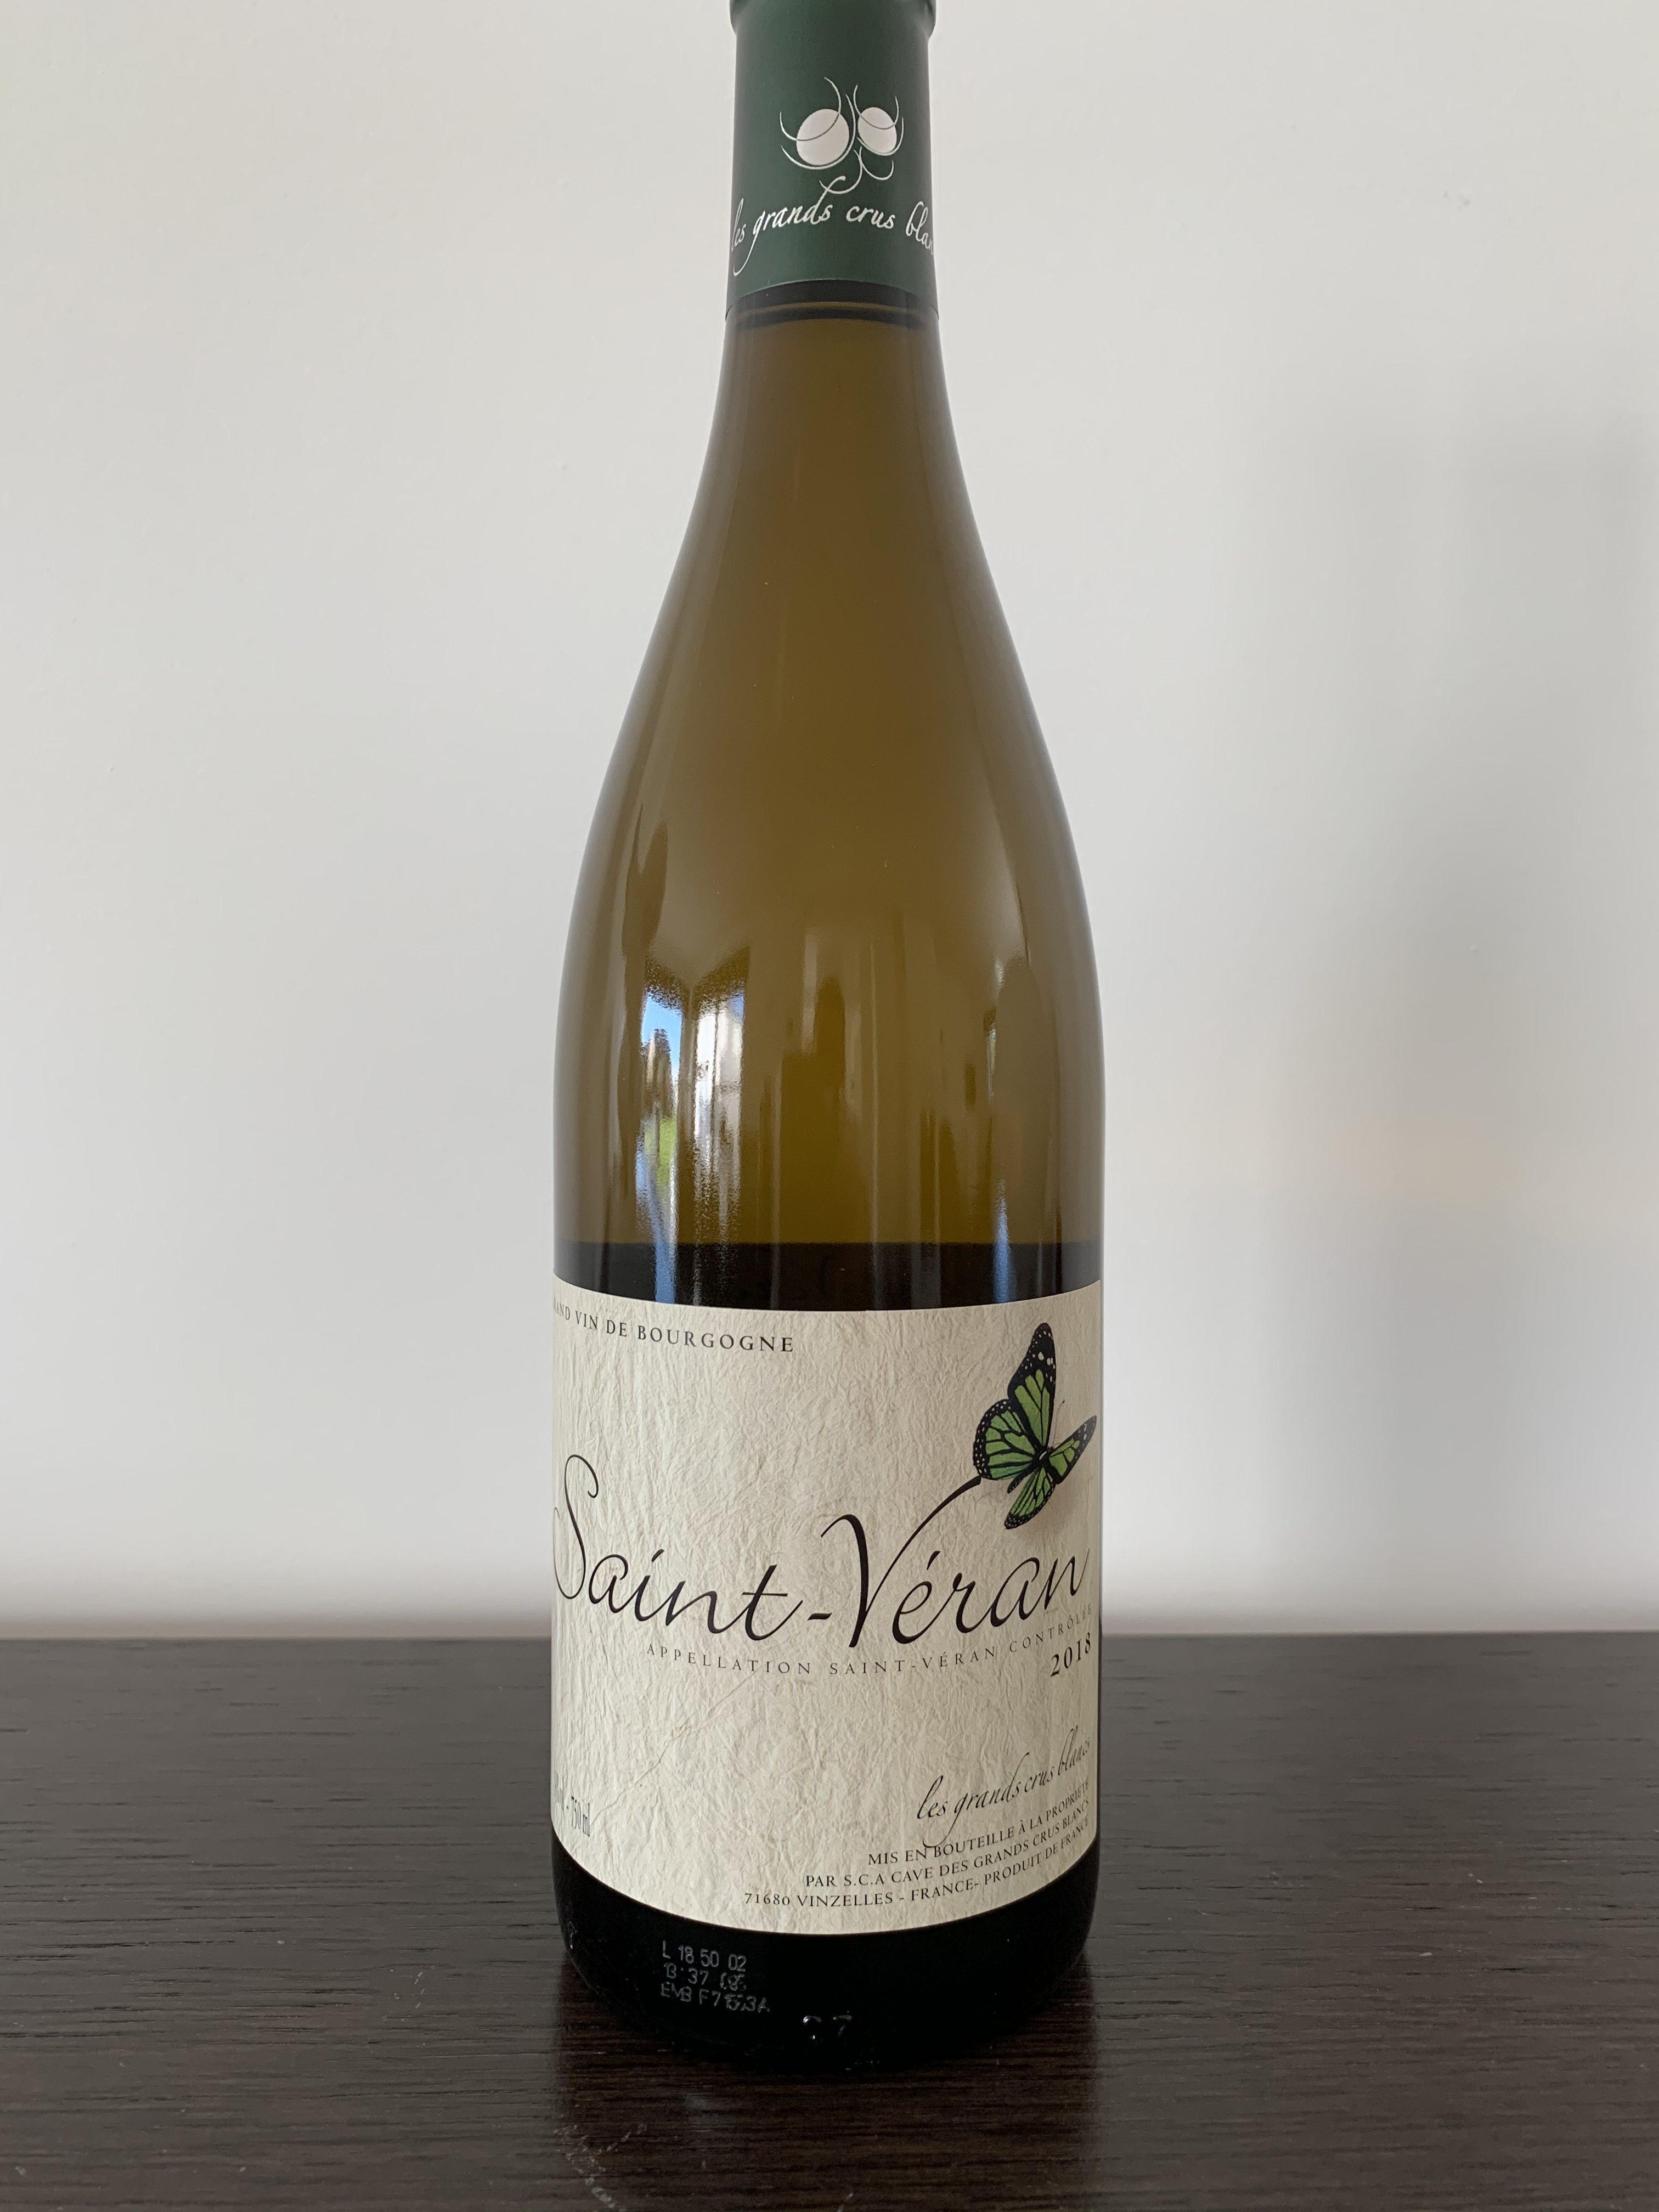 Bourgogne Saint Veran